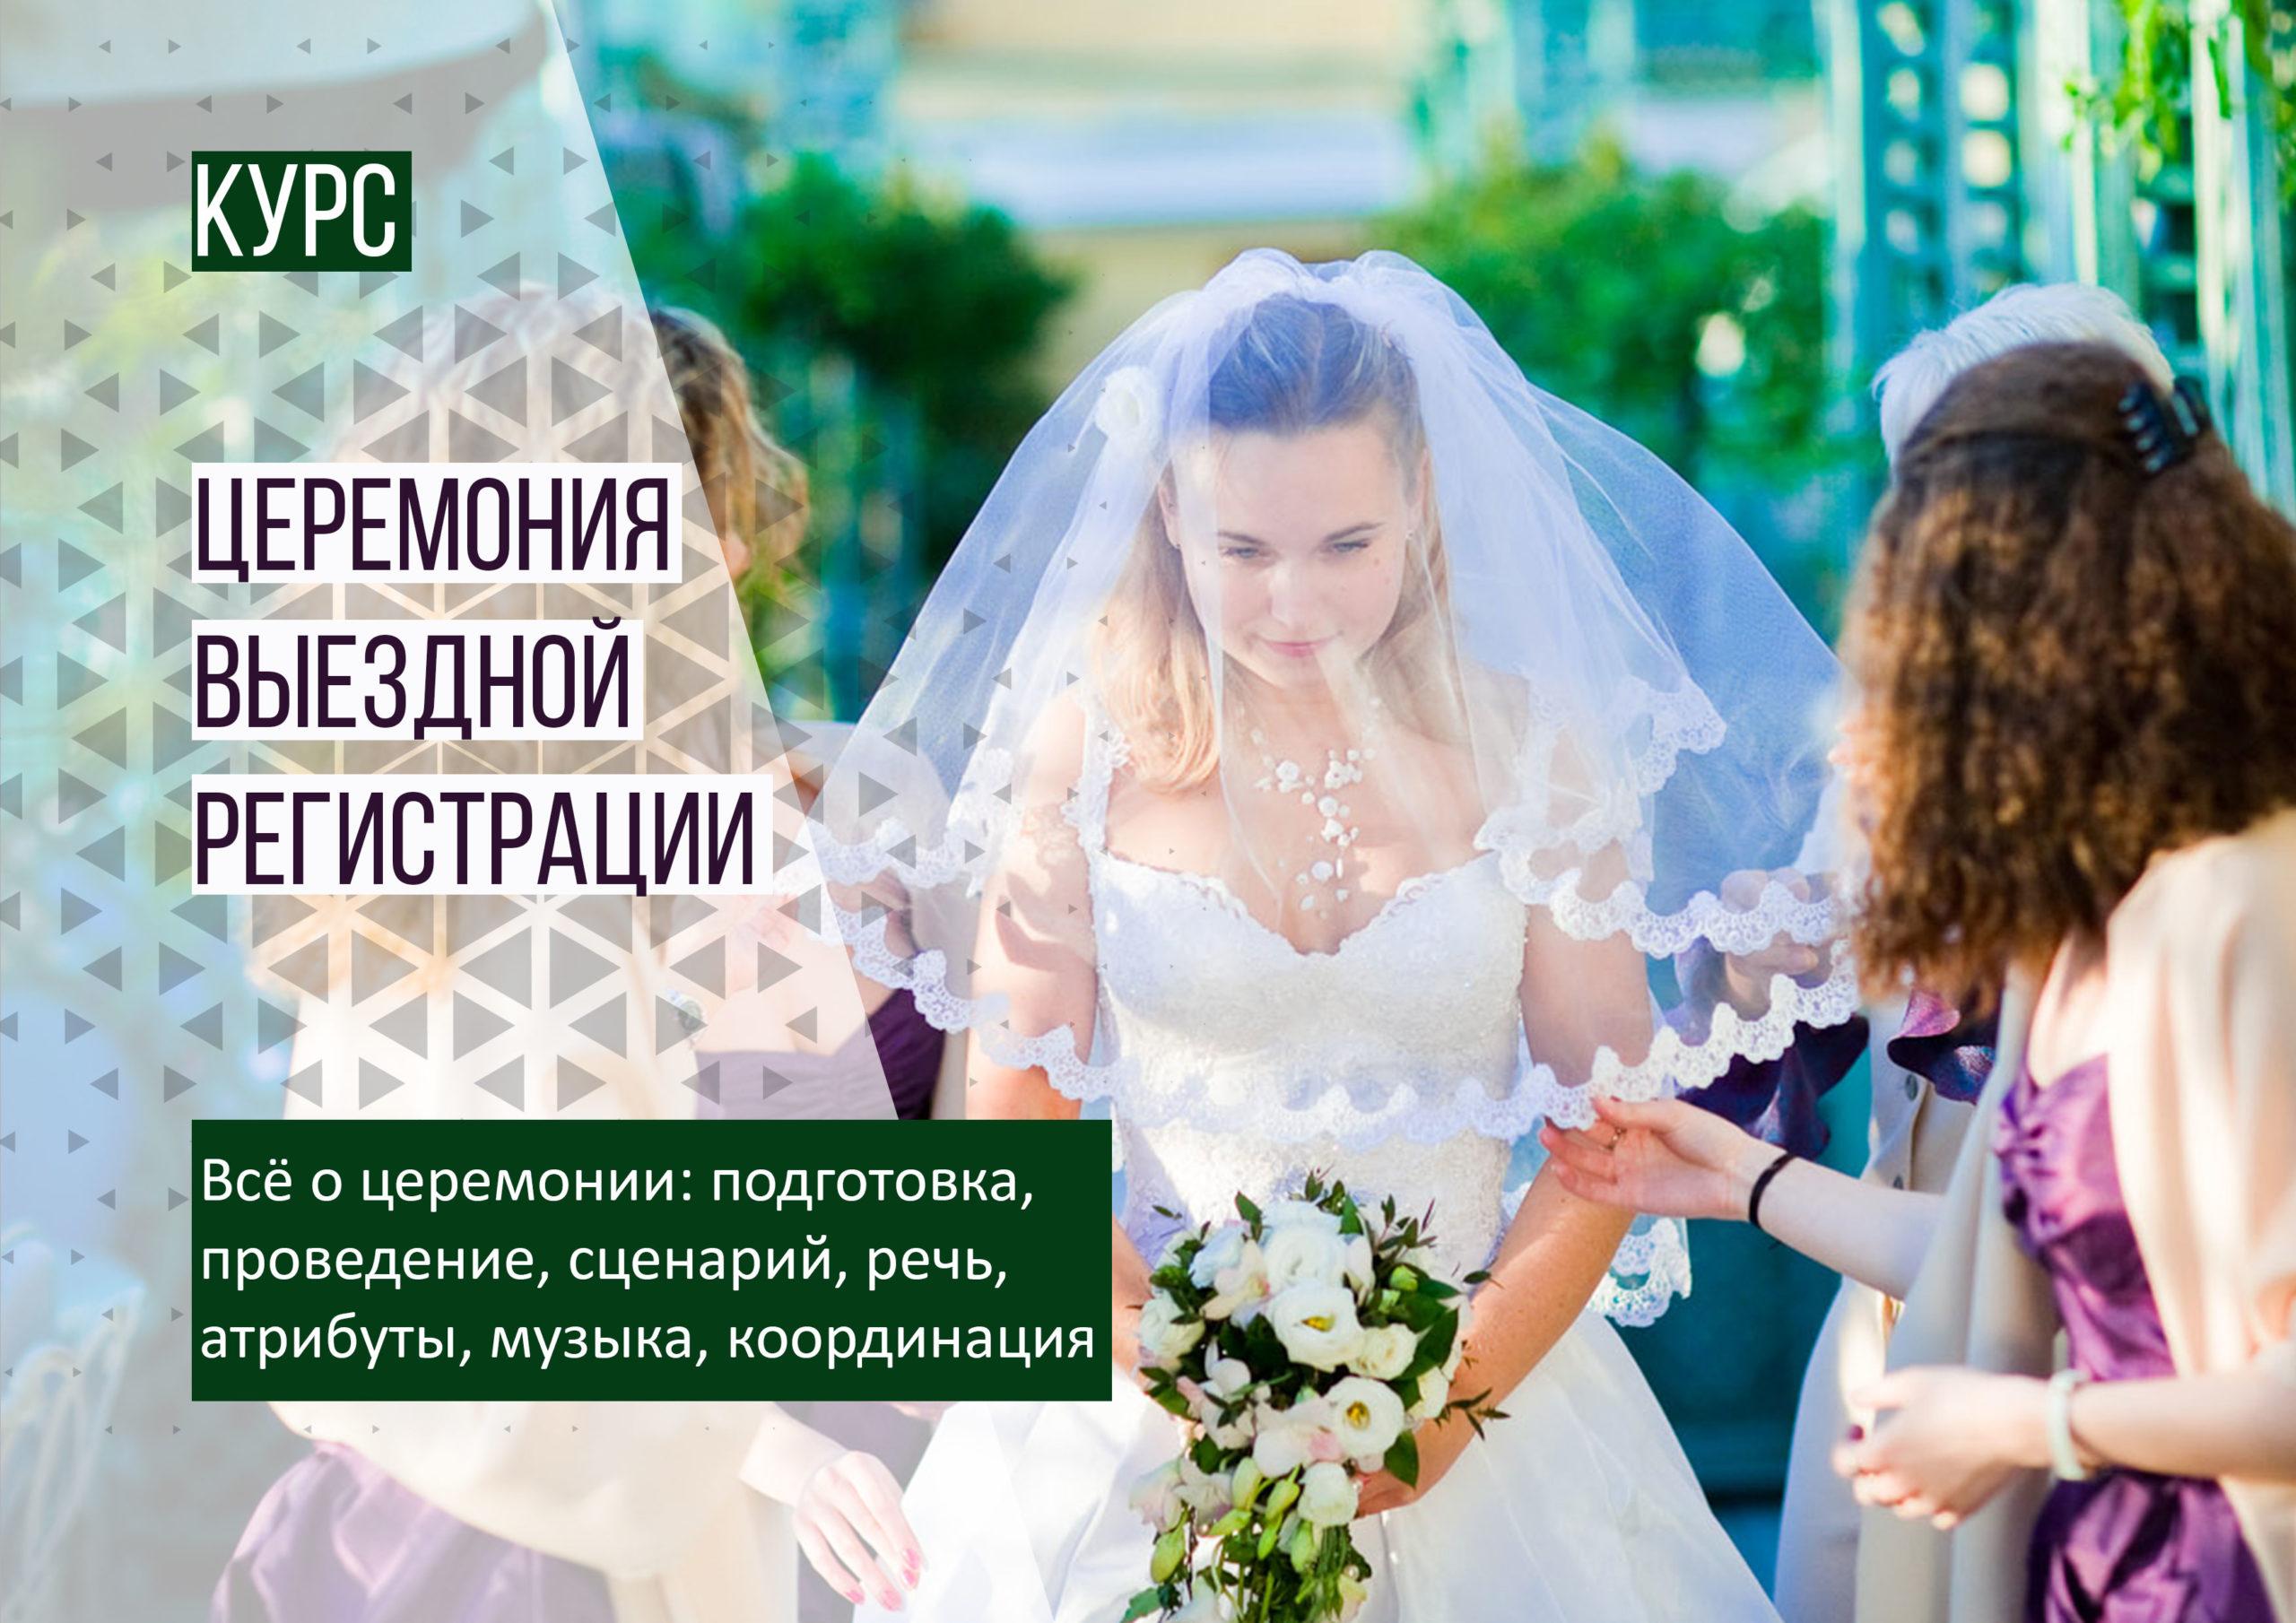 02-Церемония-выездной-регистрации